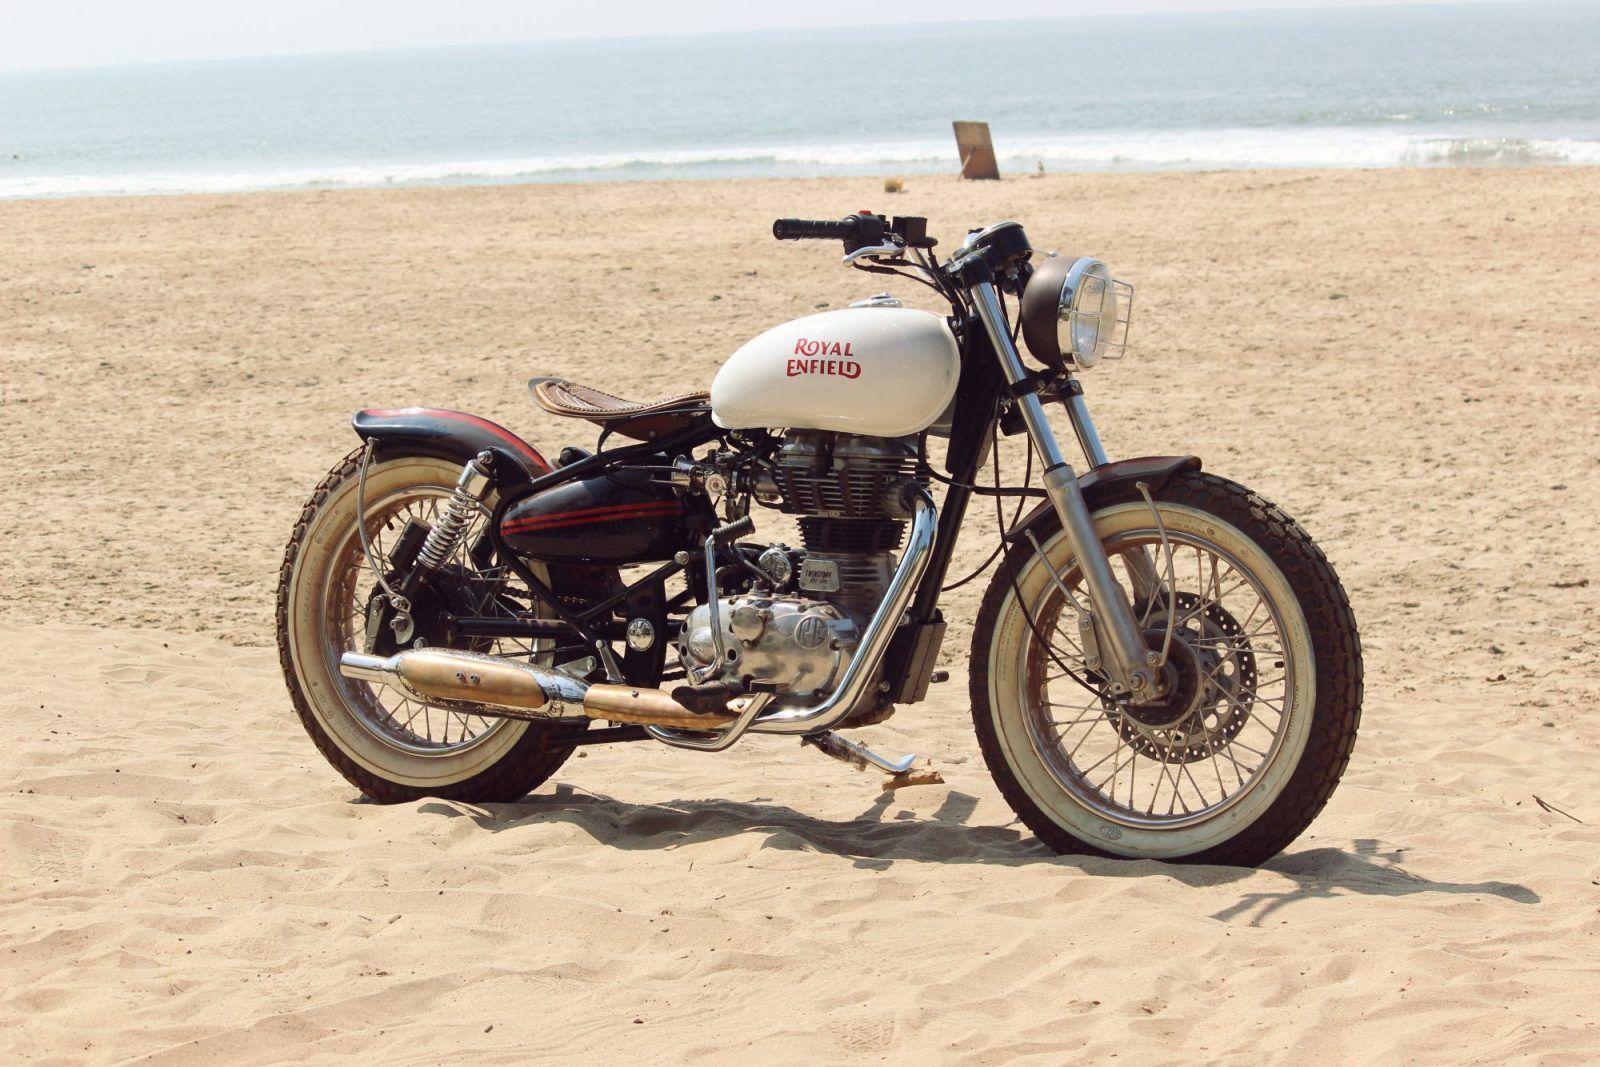 royal-enfield-motorcycle-custom-3